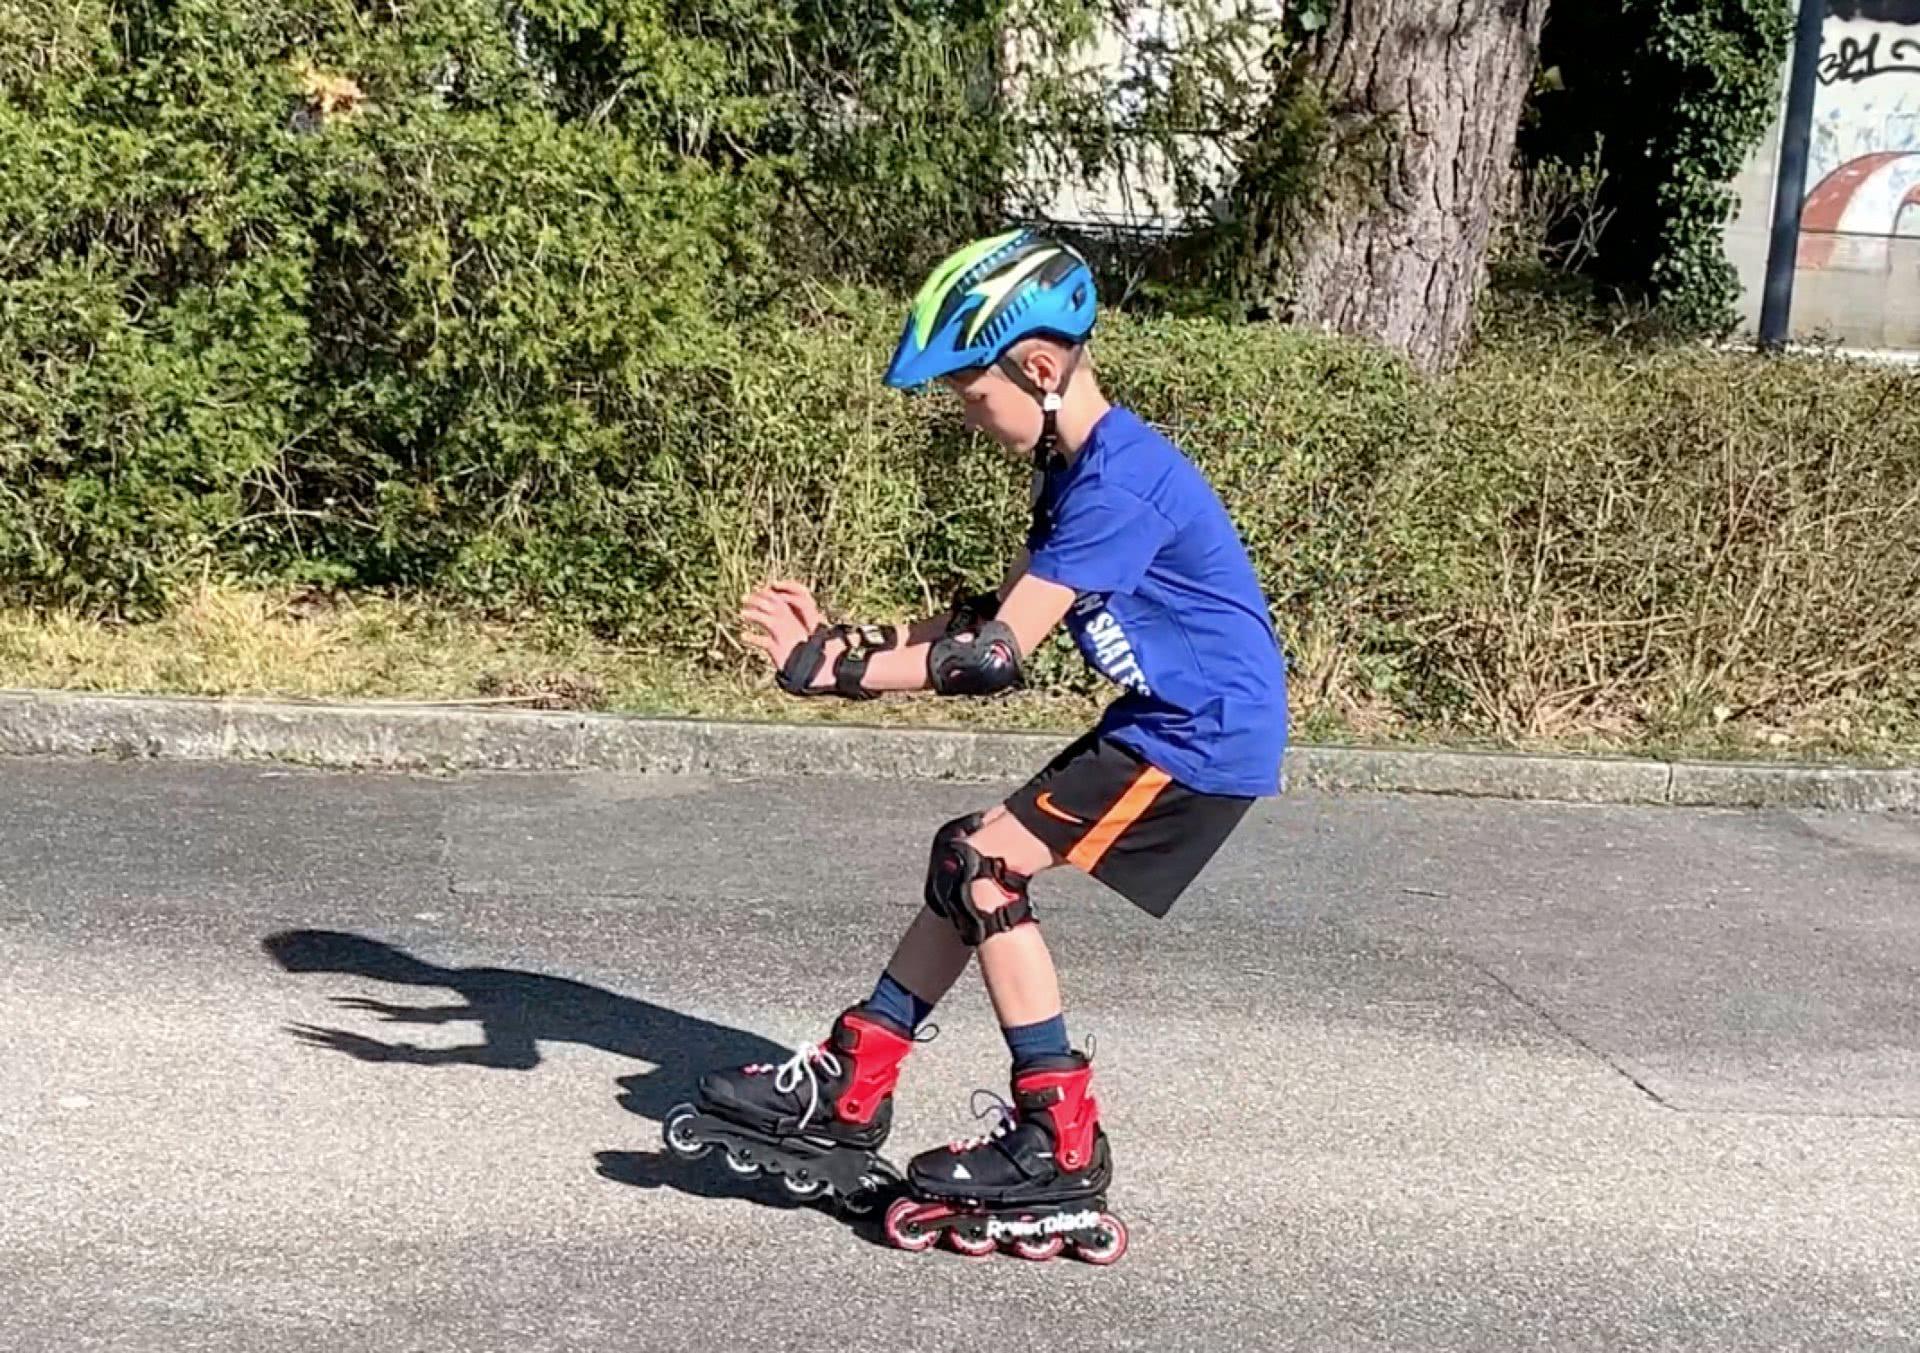 Kind beim Bremsen auf Inline-Skates.